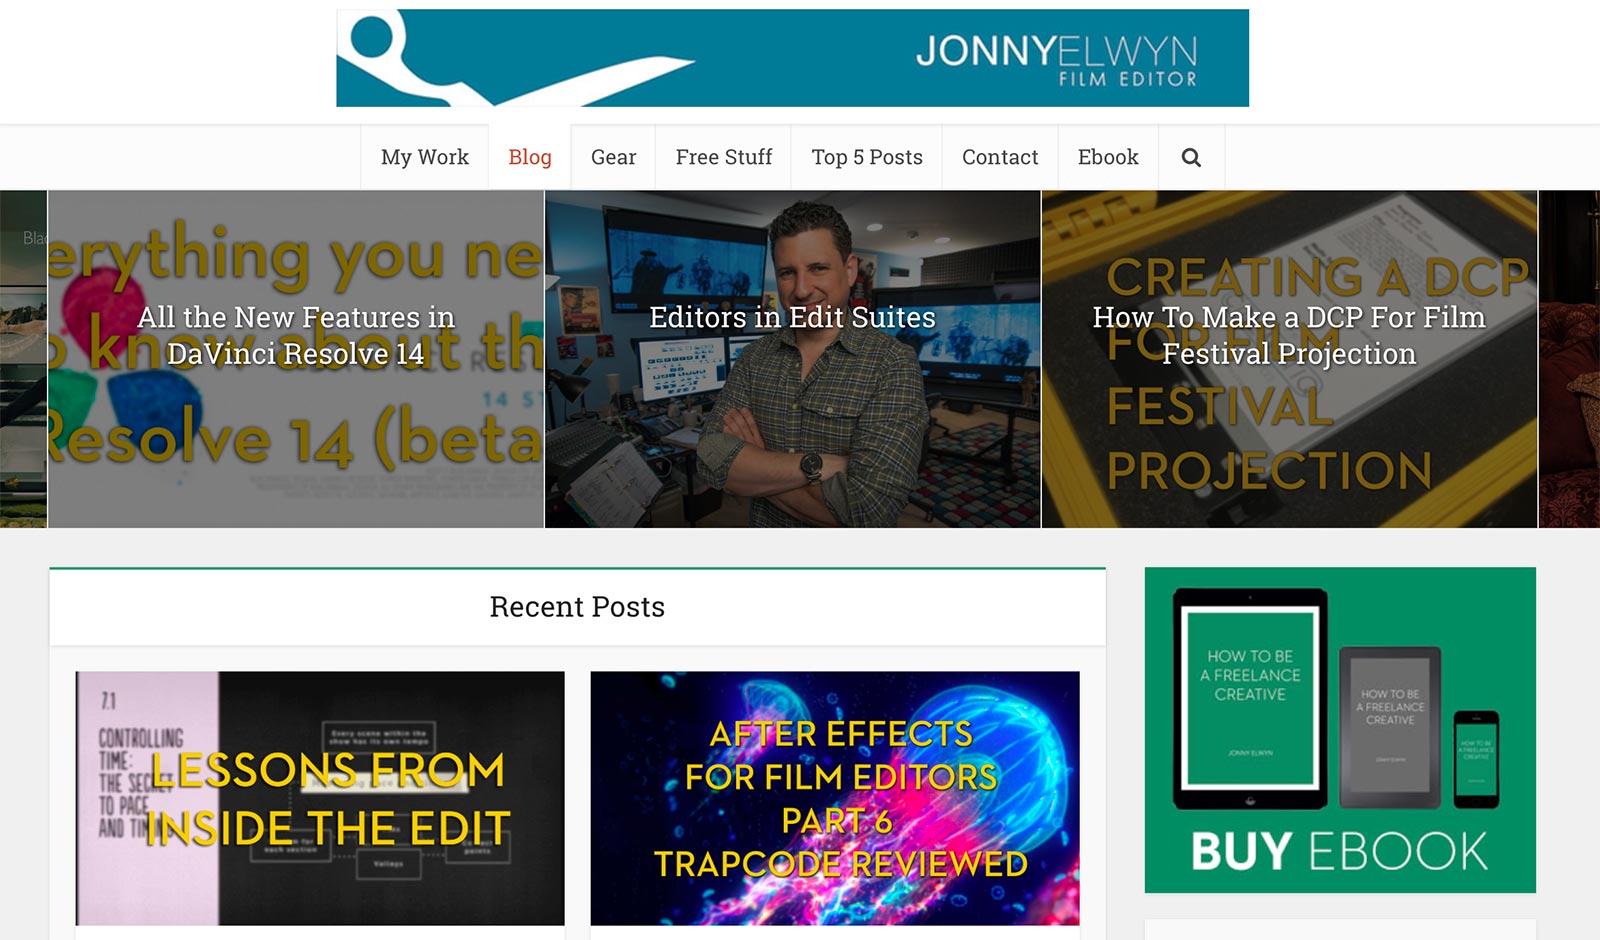 jonny elwyn website